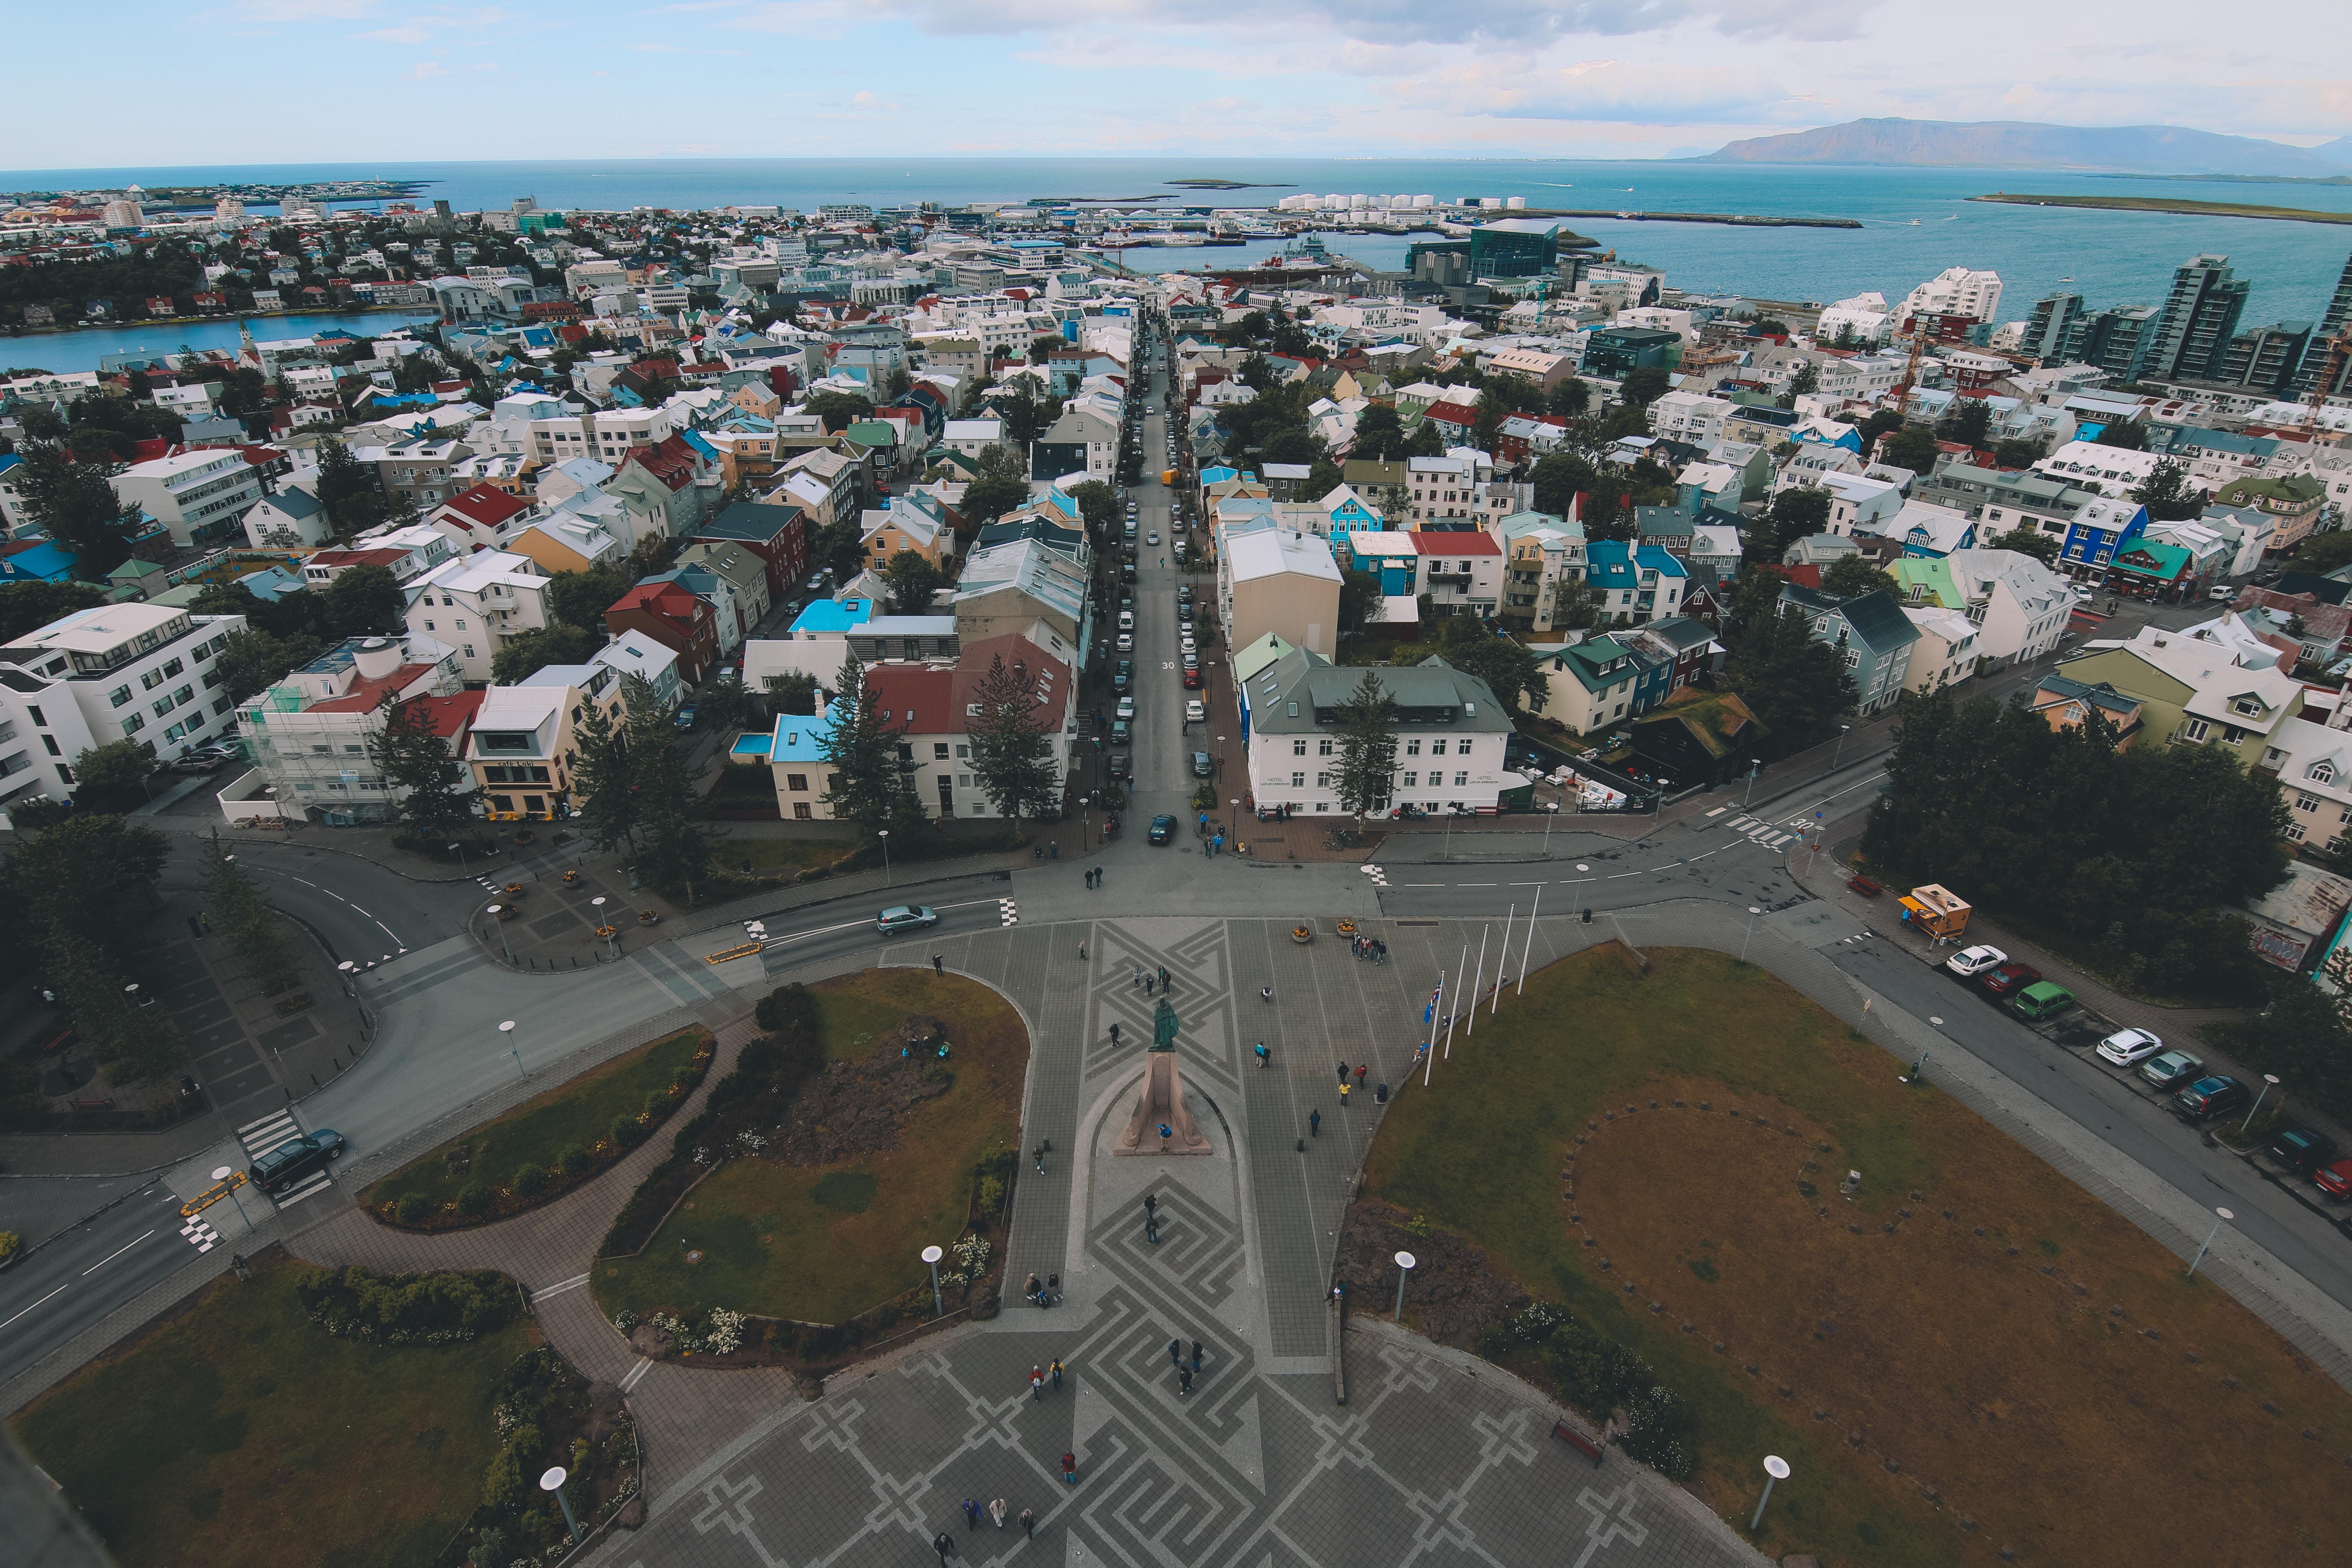 Vista de la plaza de nudos debajo de la torre de la iglesia de Hallgrímskirkja, y de la calle comercial Skólavörðustígur.